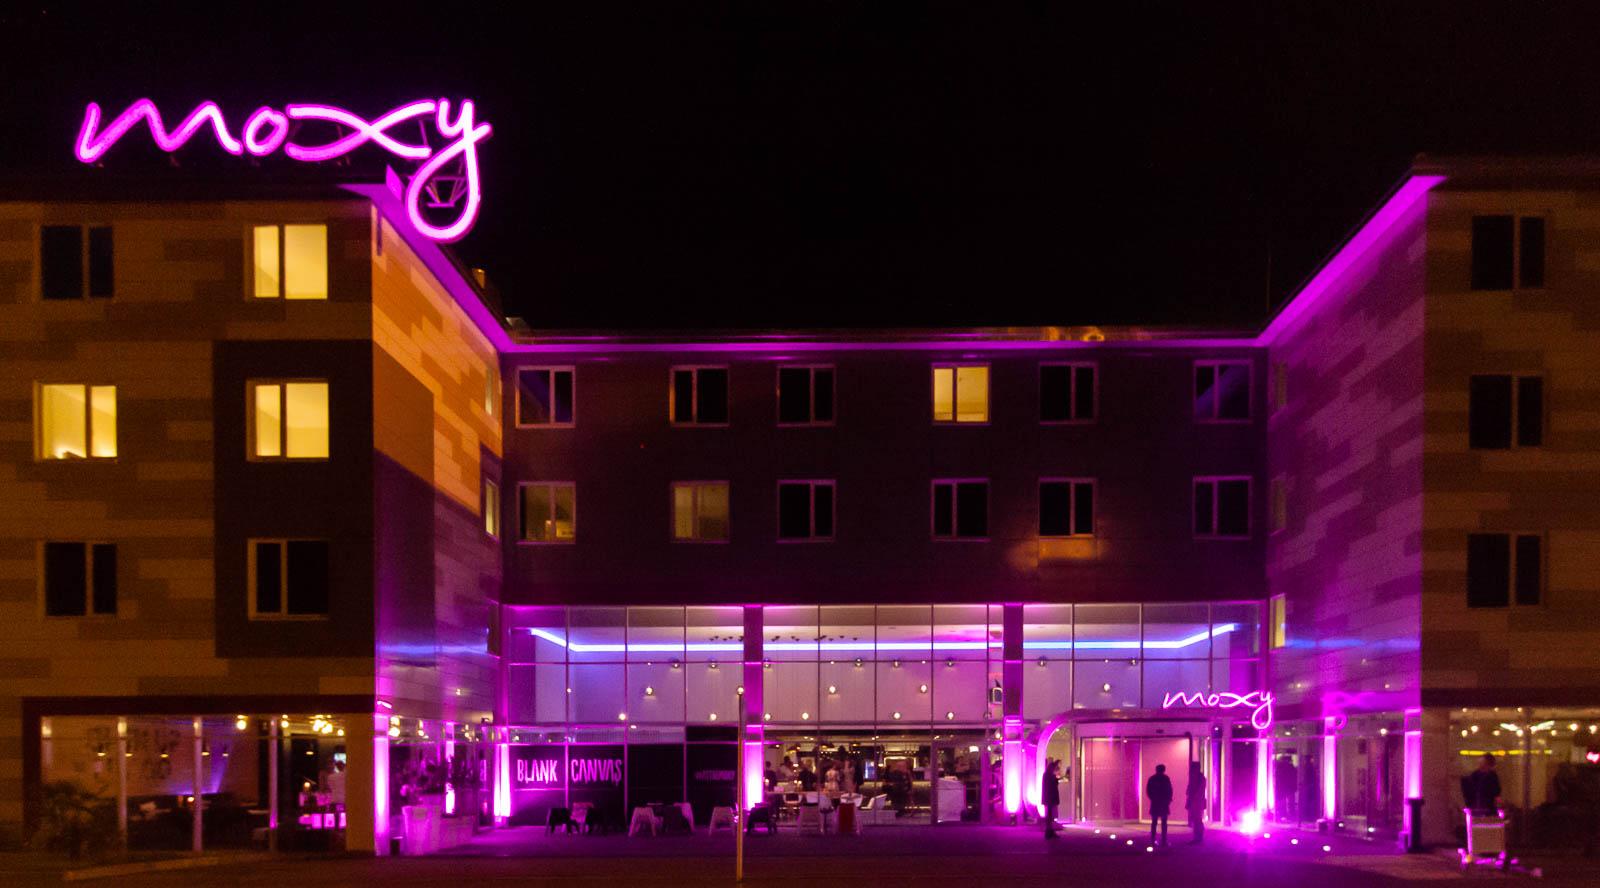 Moxy Hotel Mailand bei Nacht